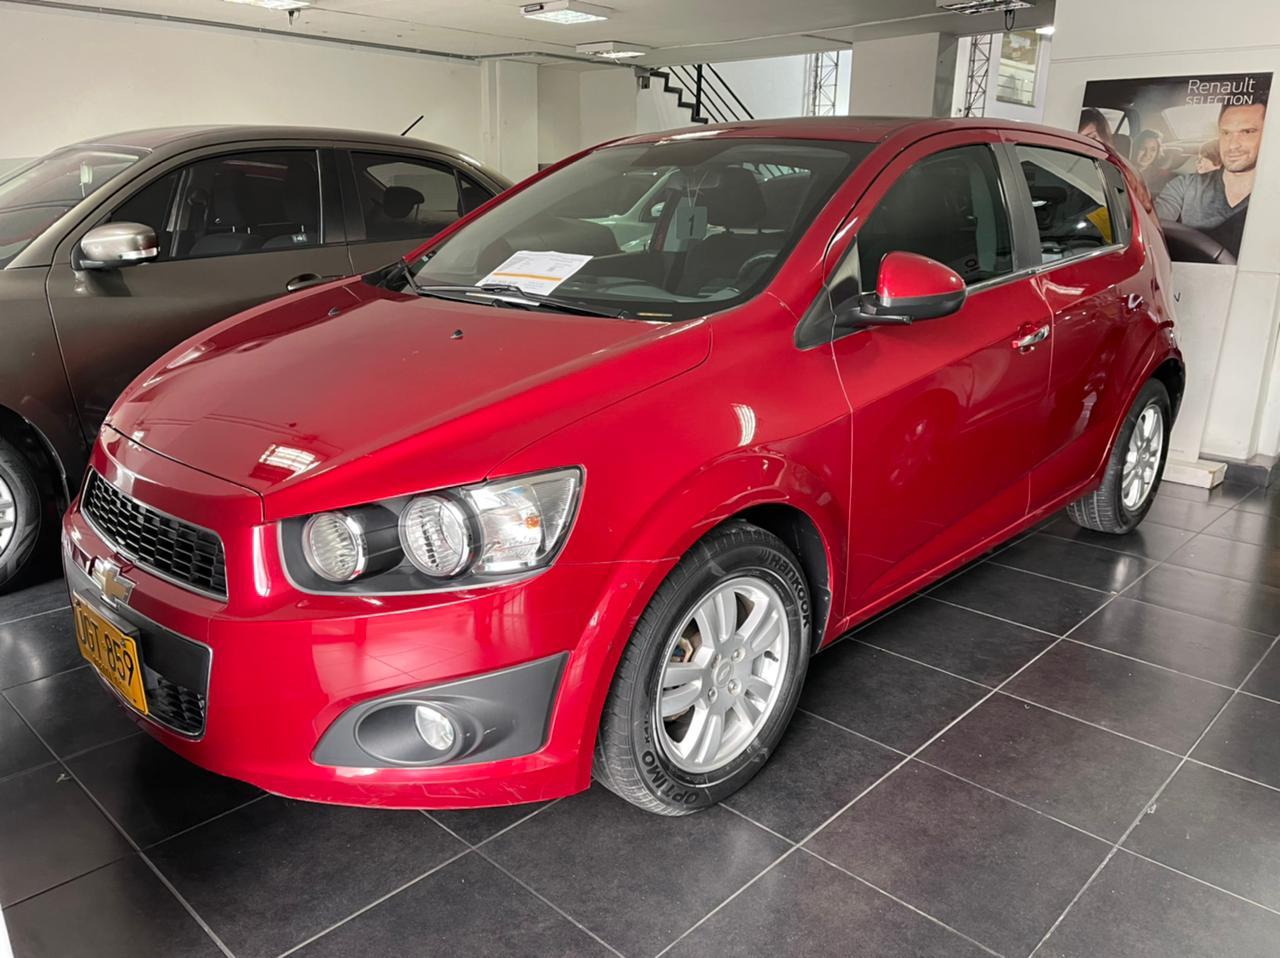 Chevrolet-Sonic-Lt-01482274-1